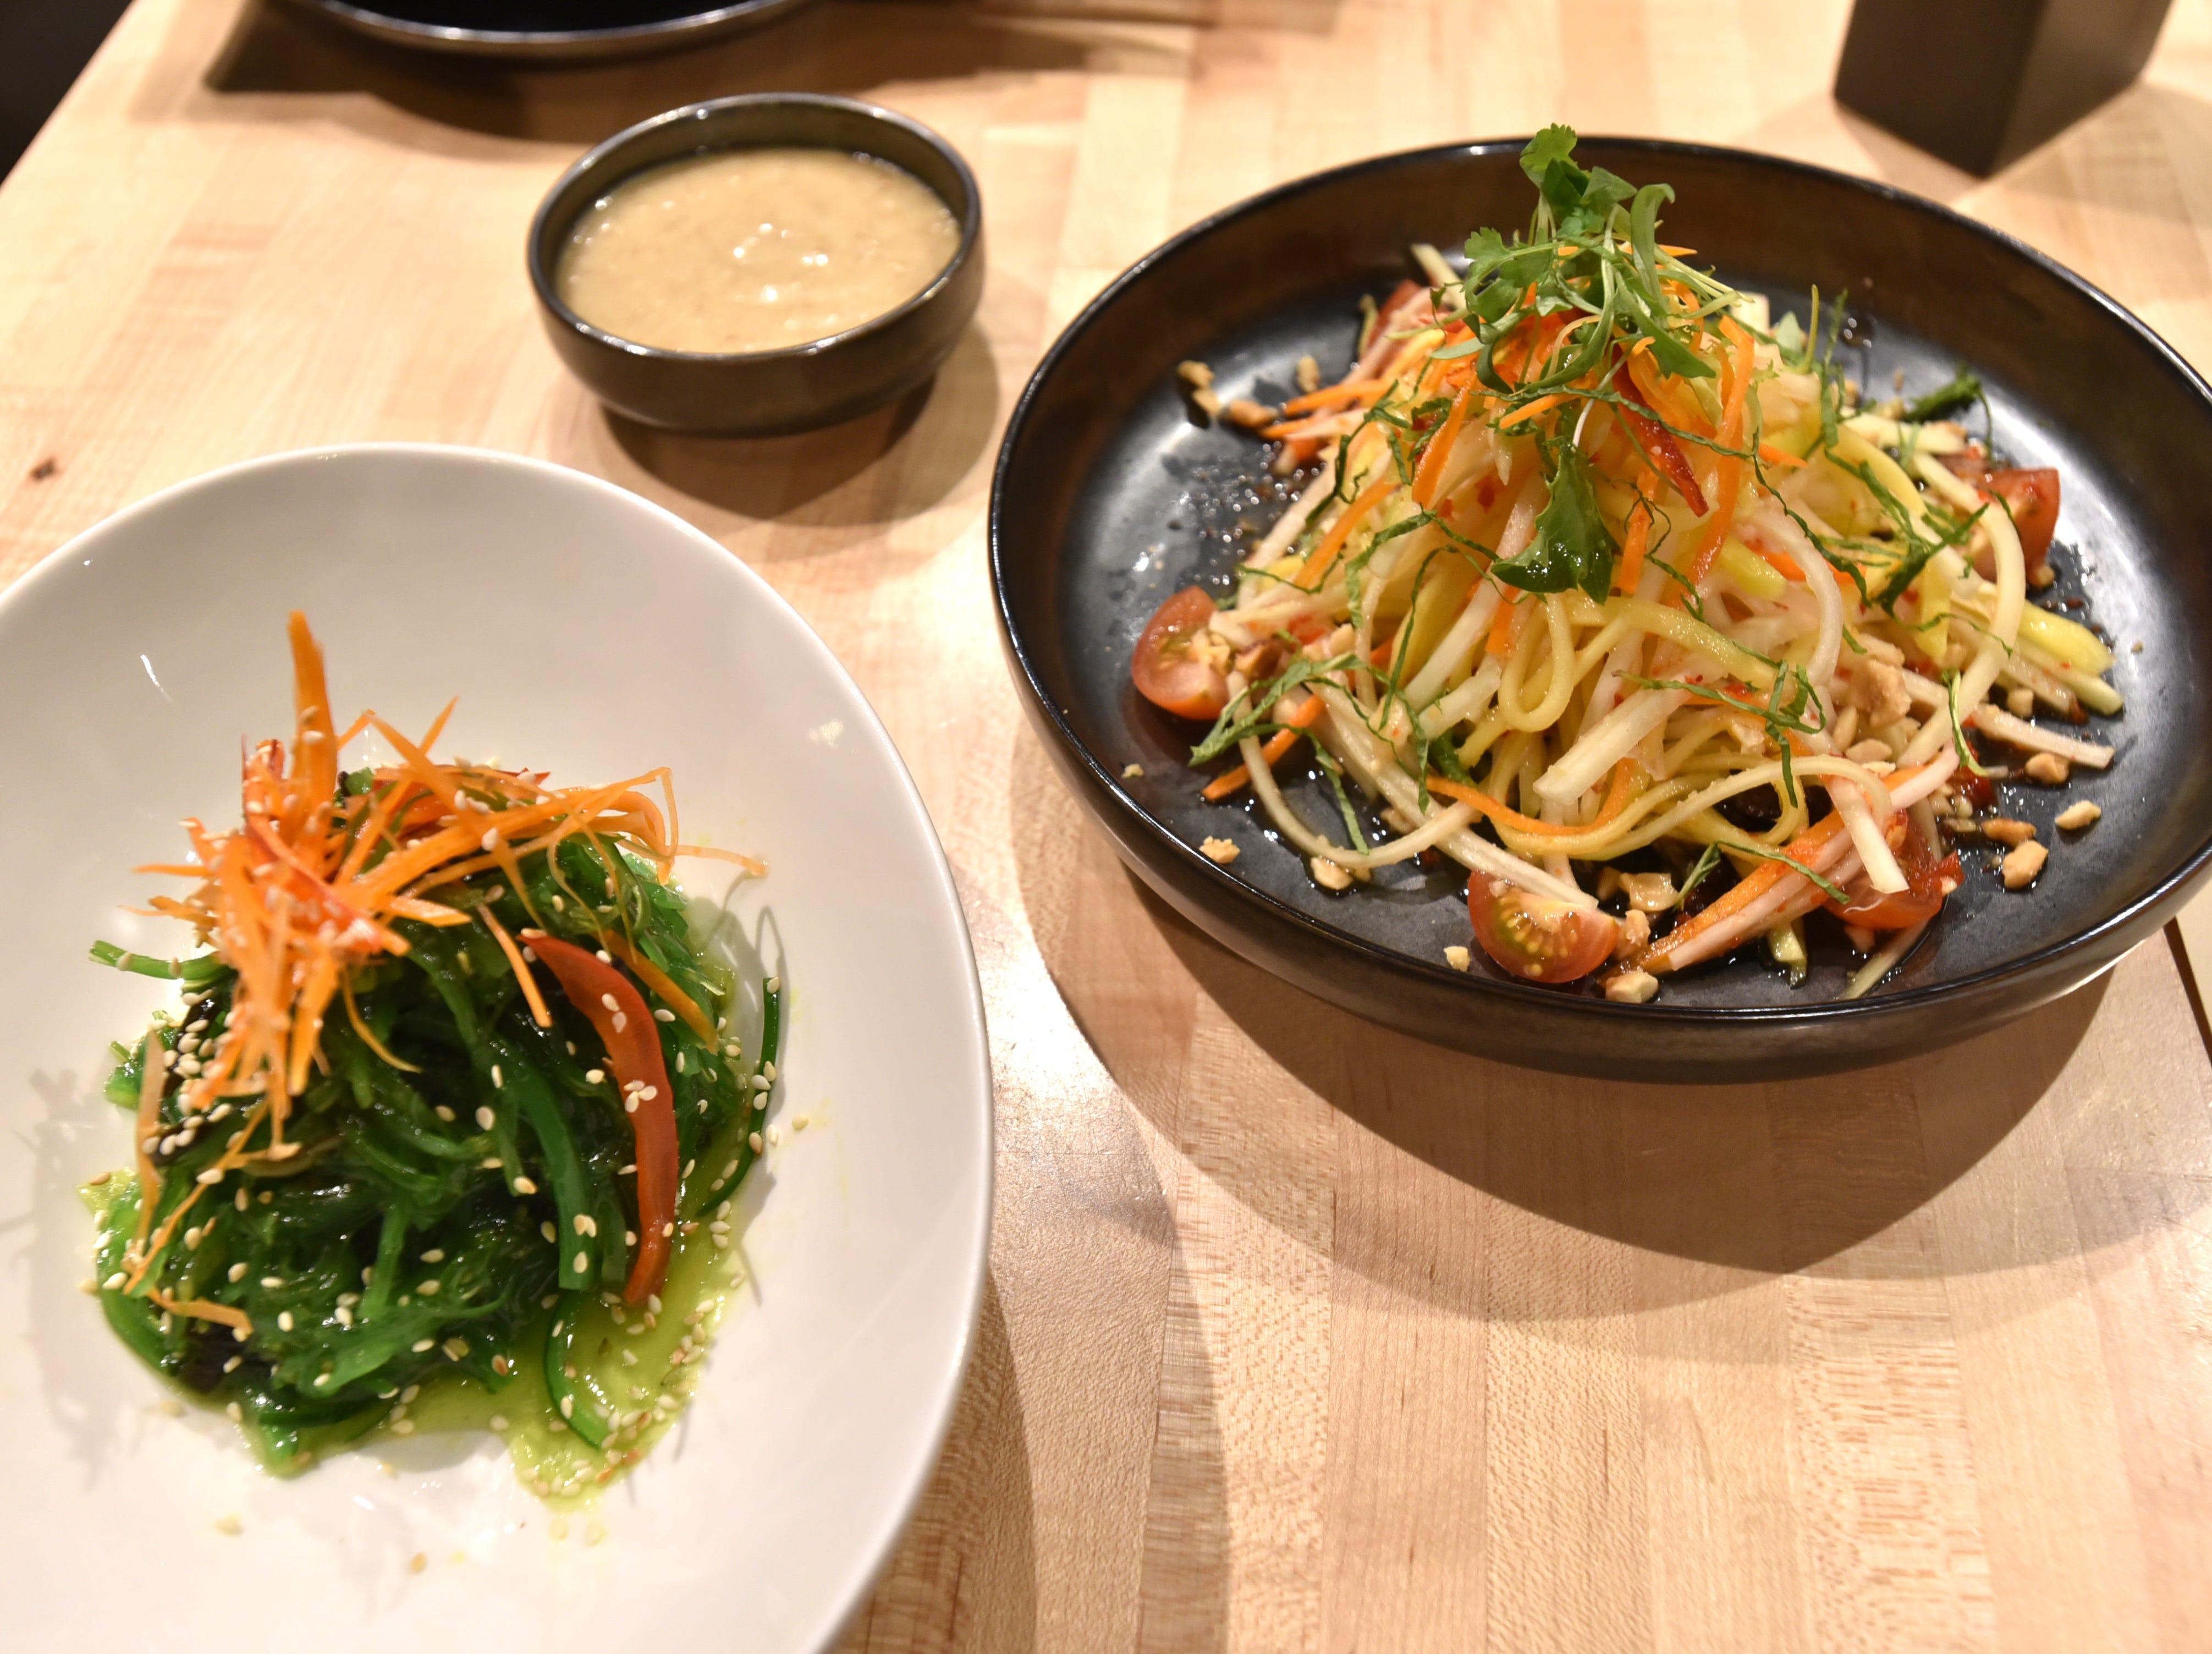 A seaweed and papaya and greens salad from Bloomfield's Jao Jun.